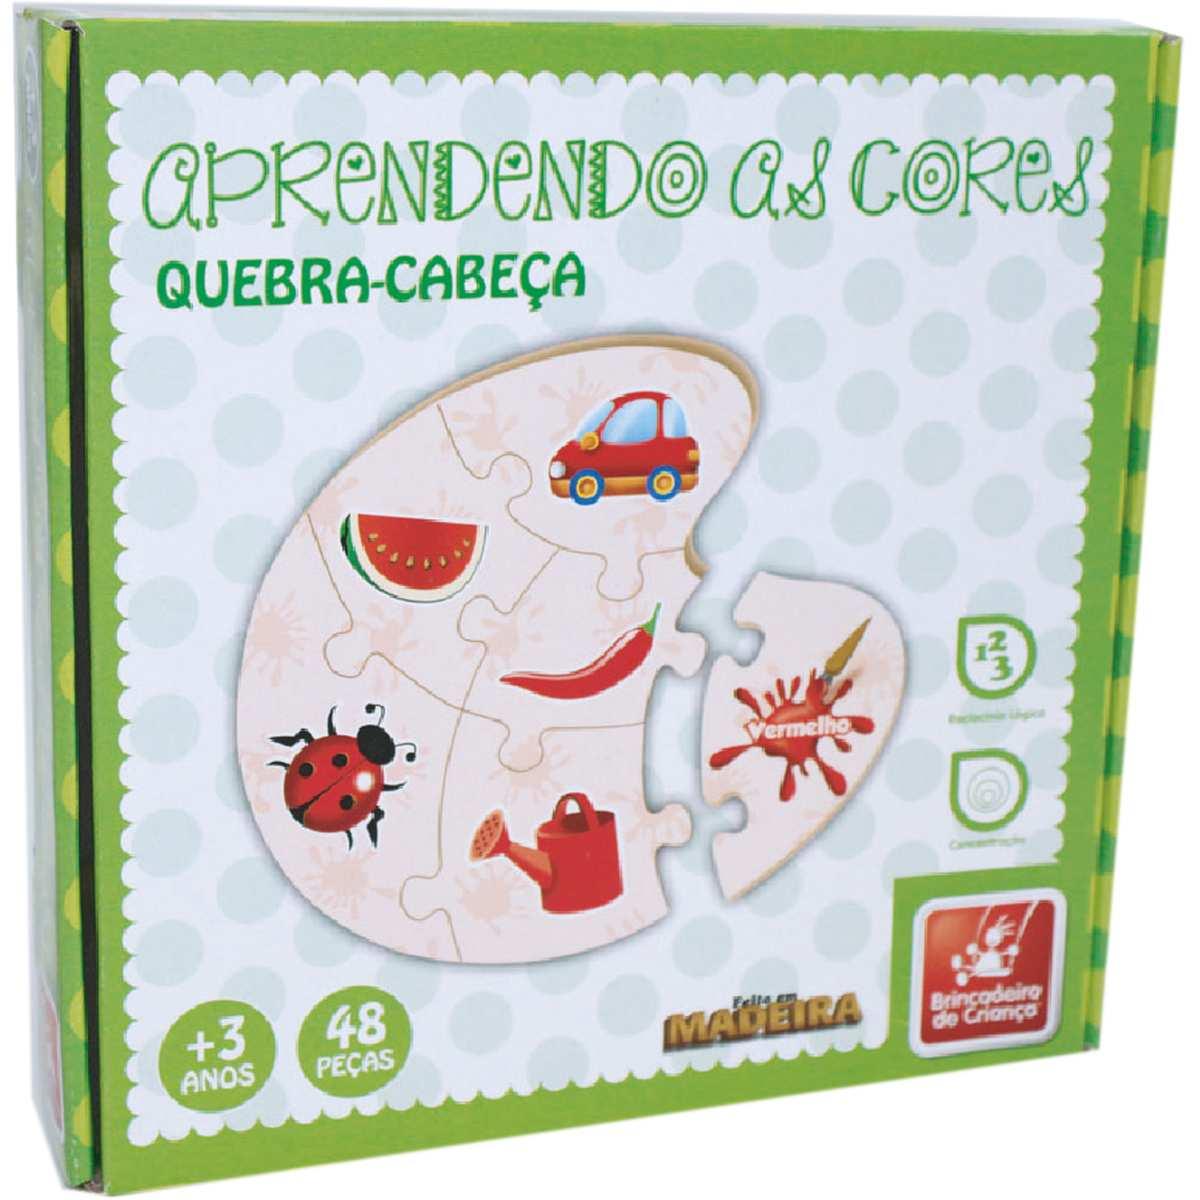 BRINQUEDO PEDAGOGICO MADEIRA APRENDENDO AS CORES 48 PECAS